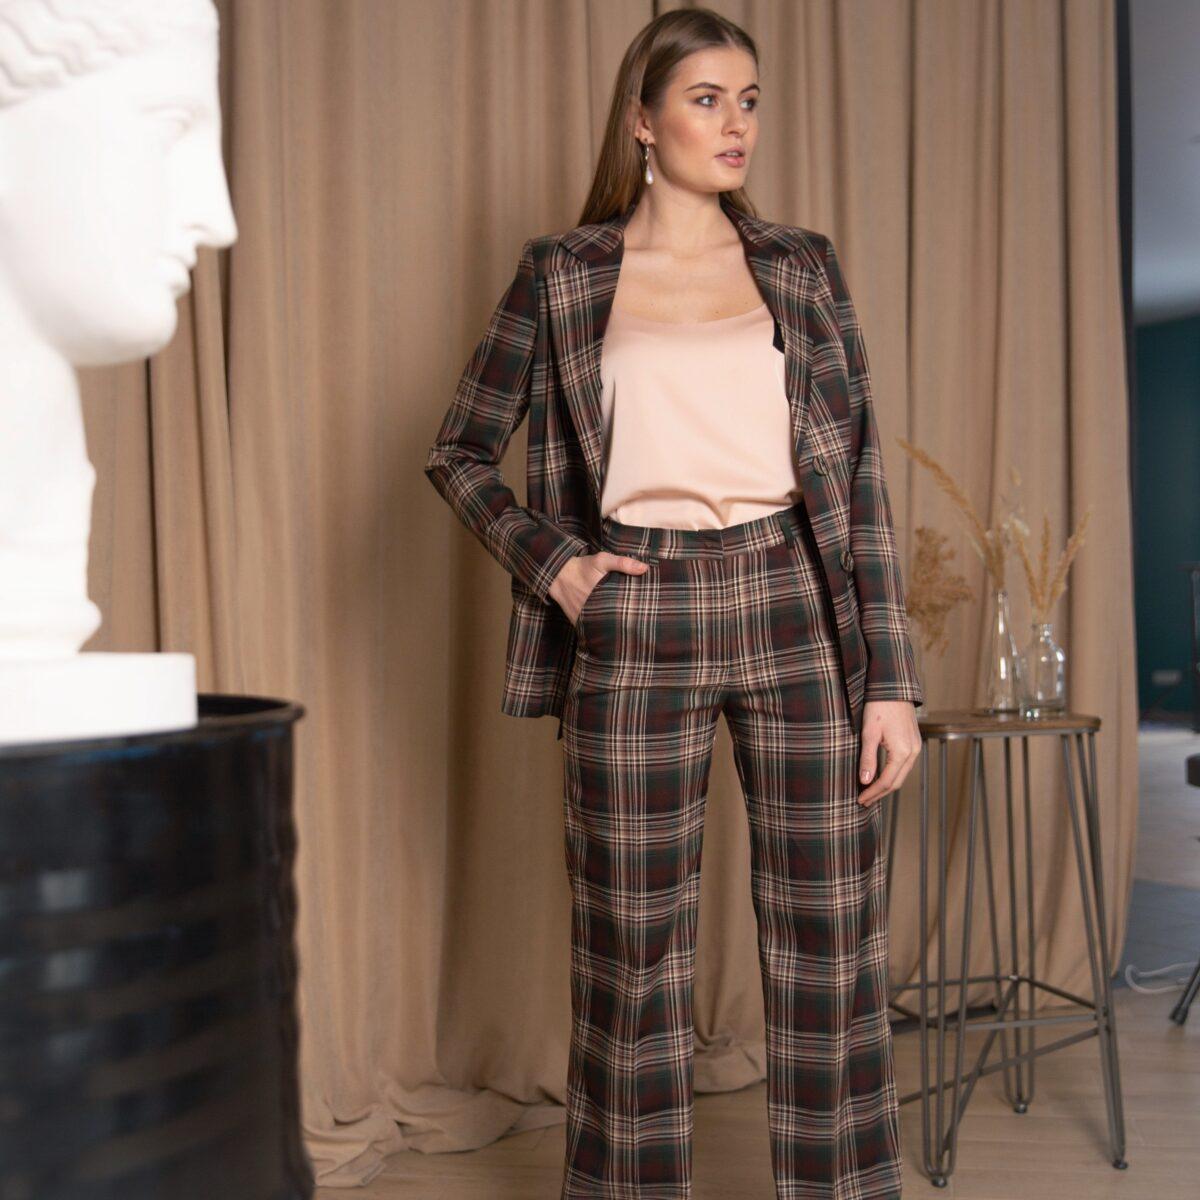 Женские брюки классического кроя в клетку бардового цвета тренд сезона весна-лето 2020 года